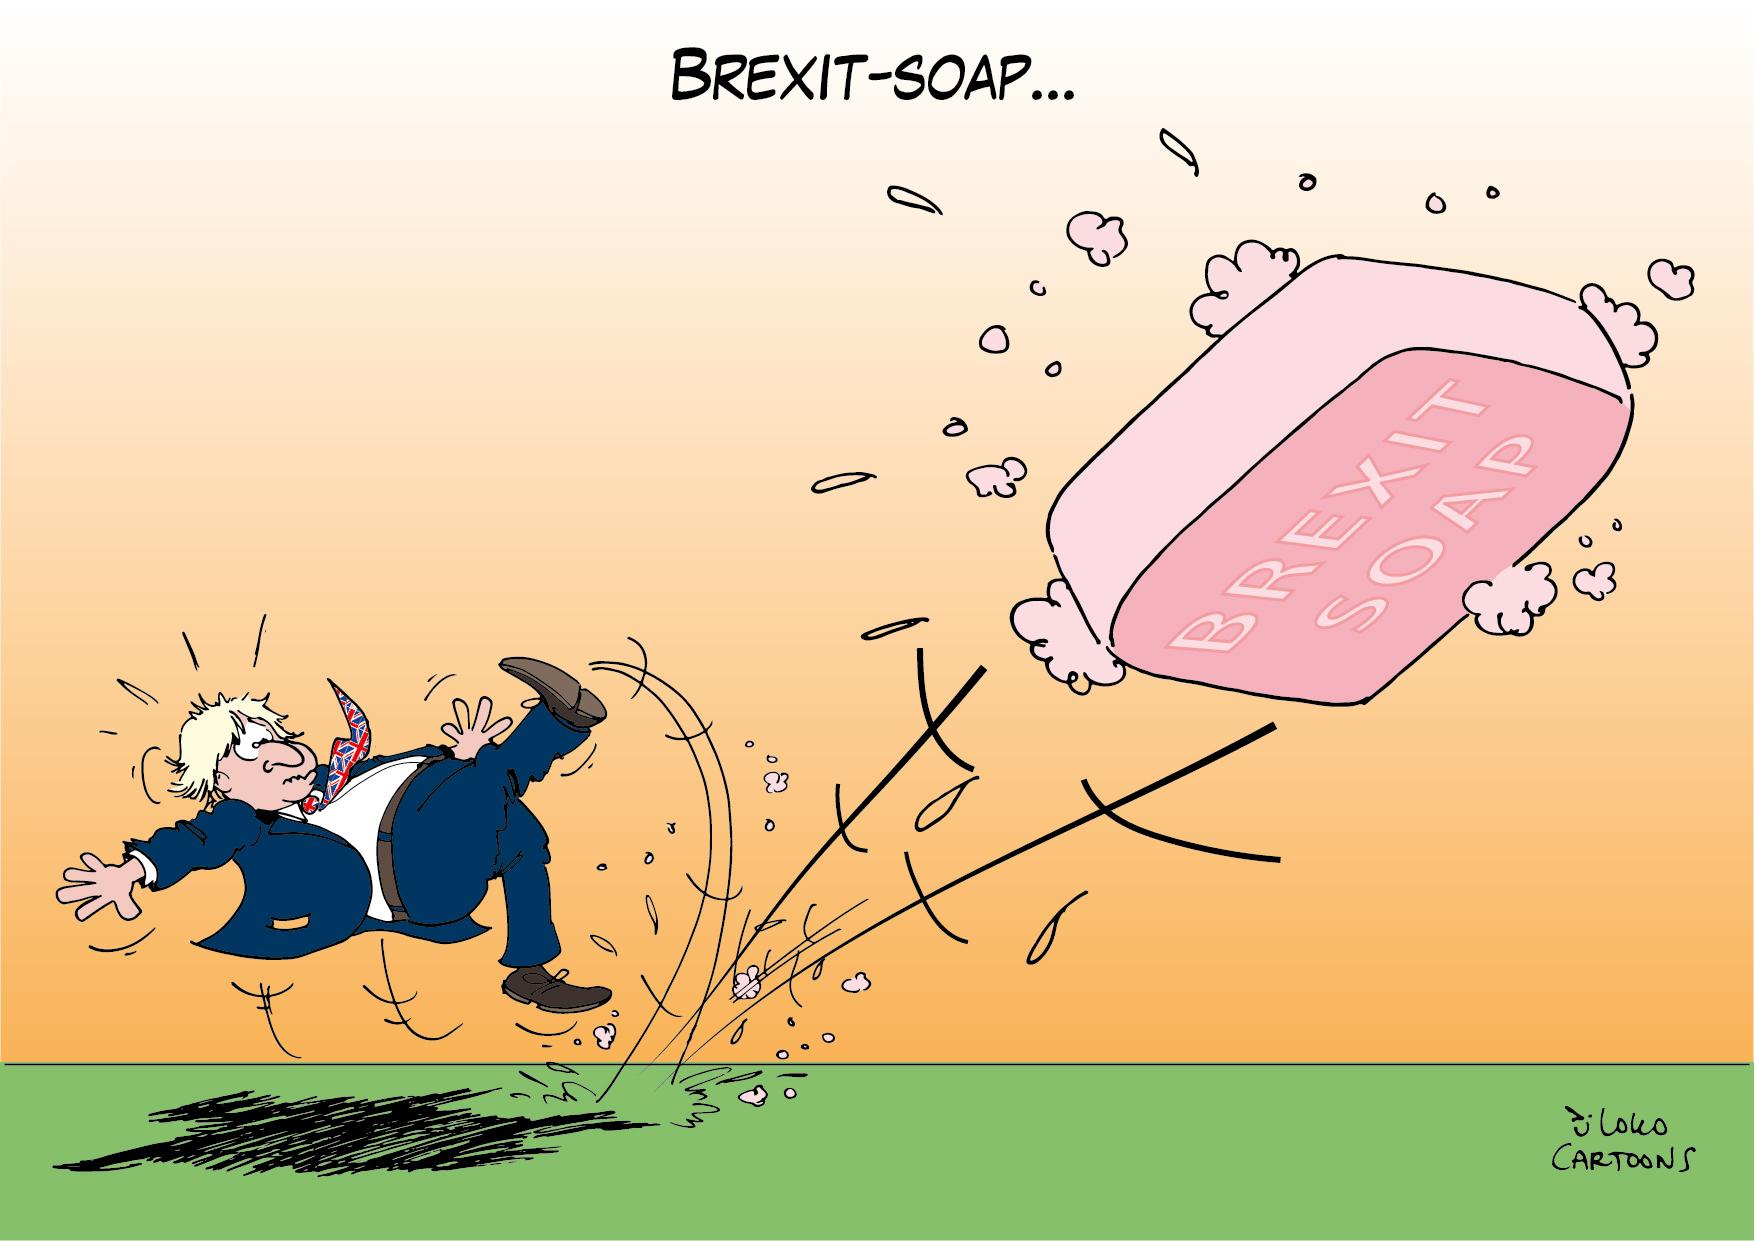 Brexit-soap…